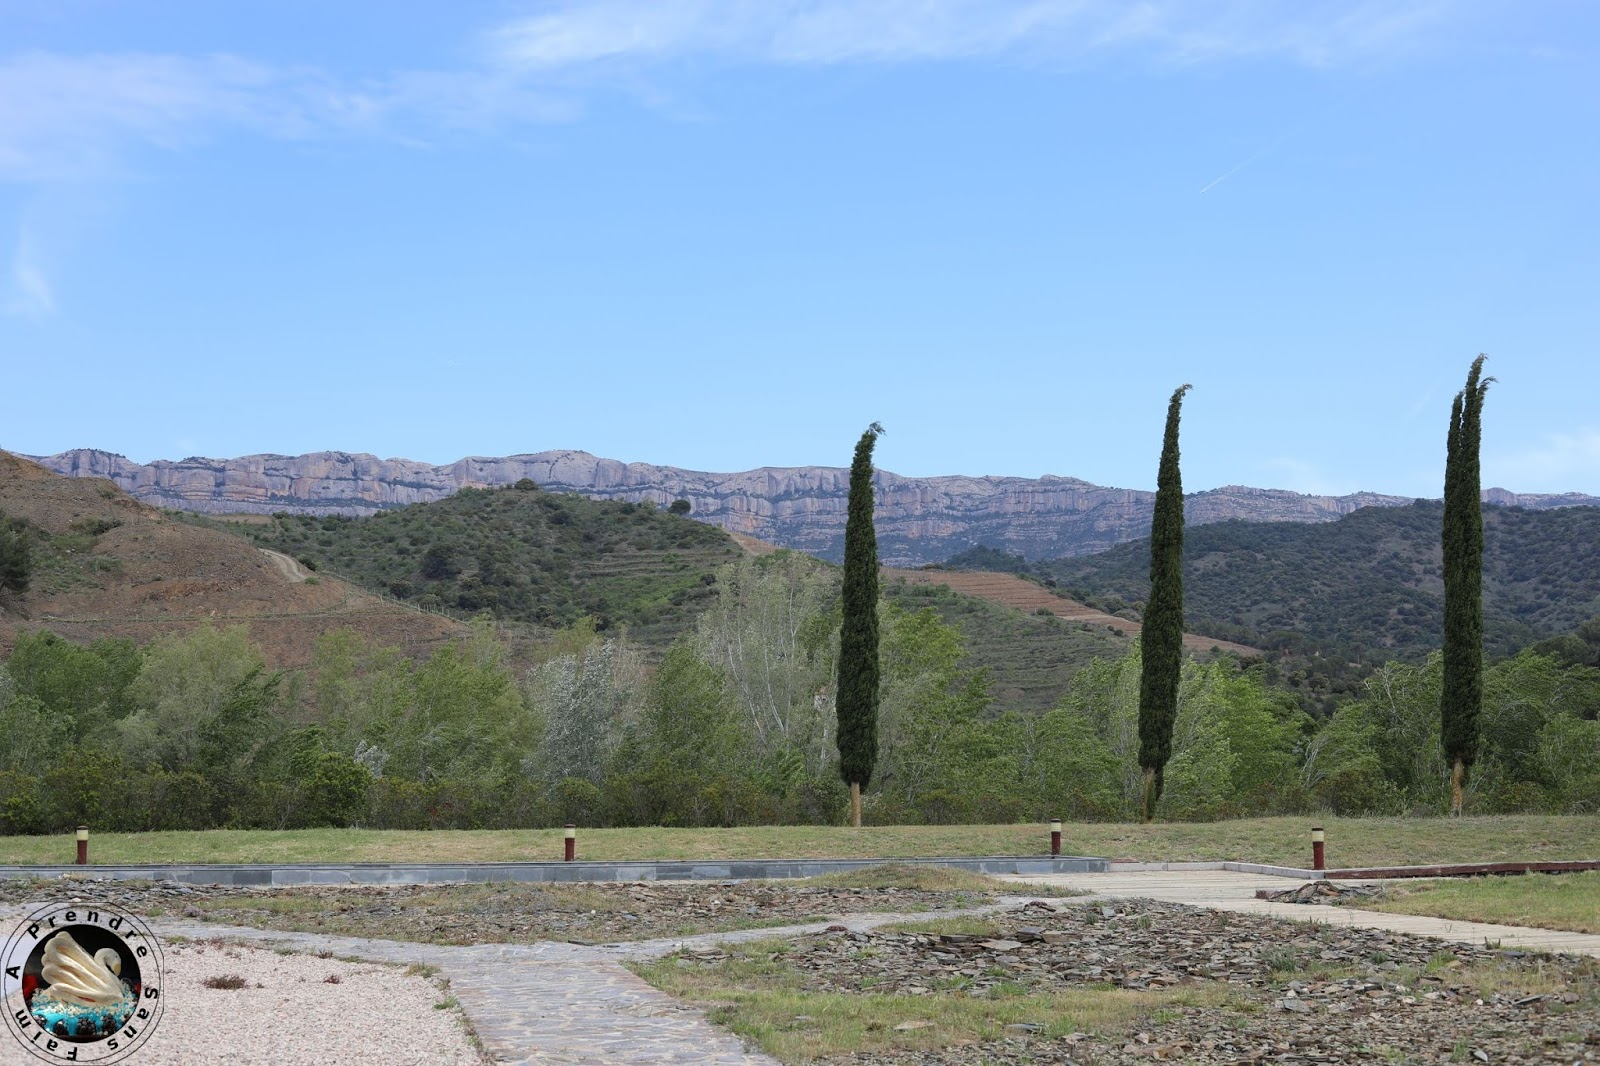 Visite et dégustations de vins à Perinet - Priorat